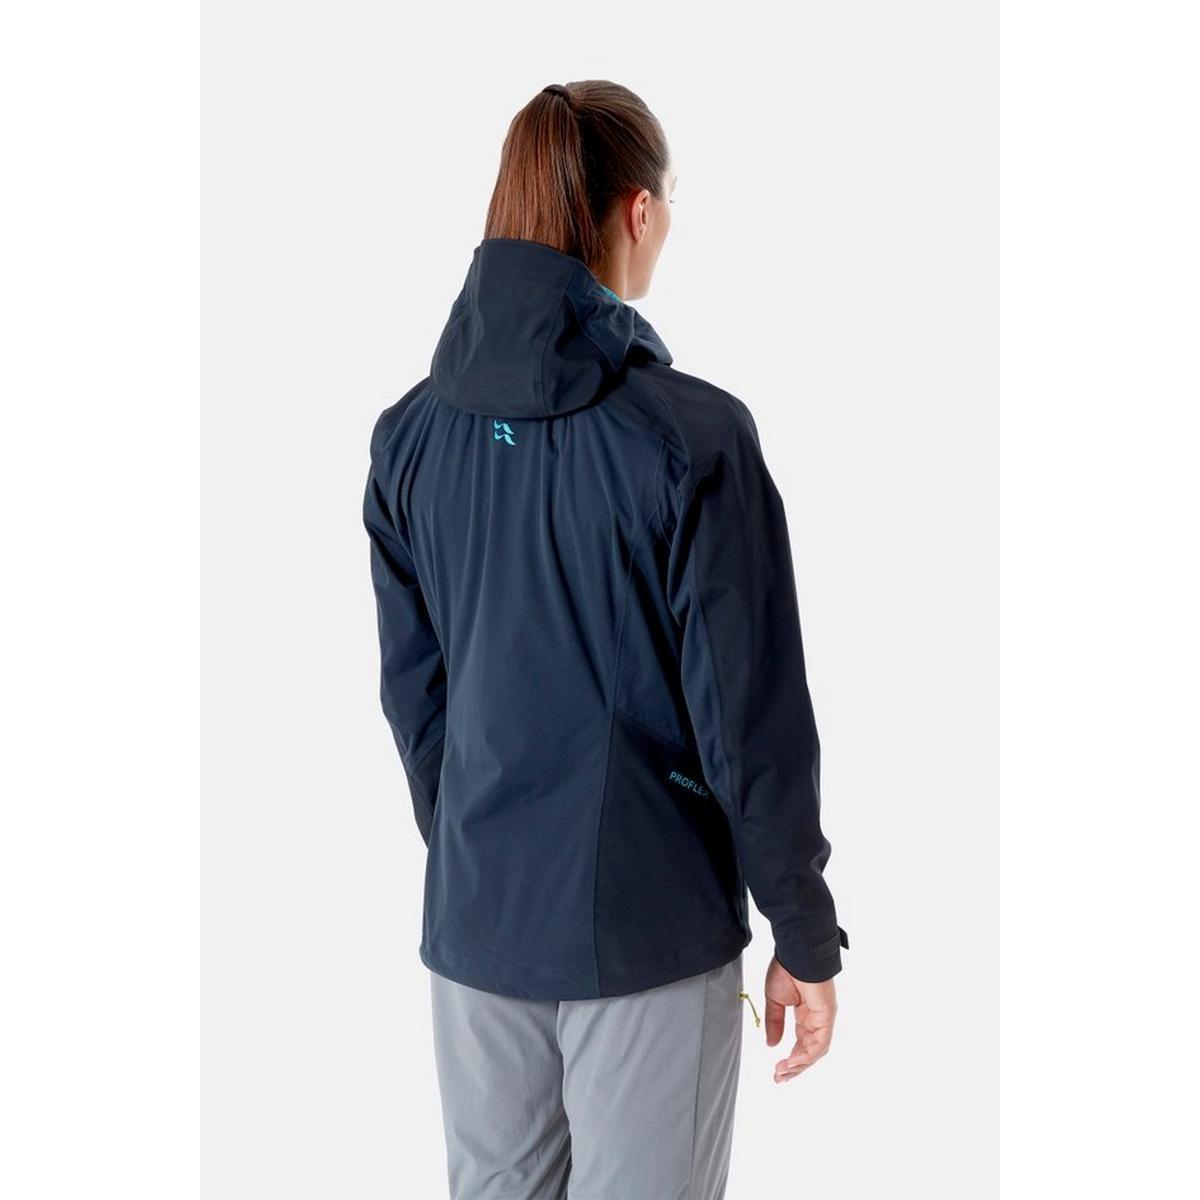 Rab Women's Kinetic Alpine 2.0 Jacket